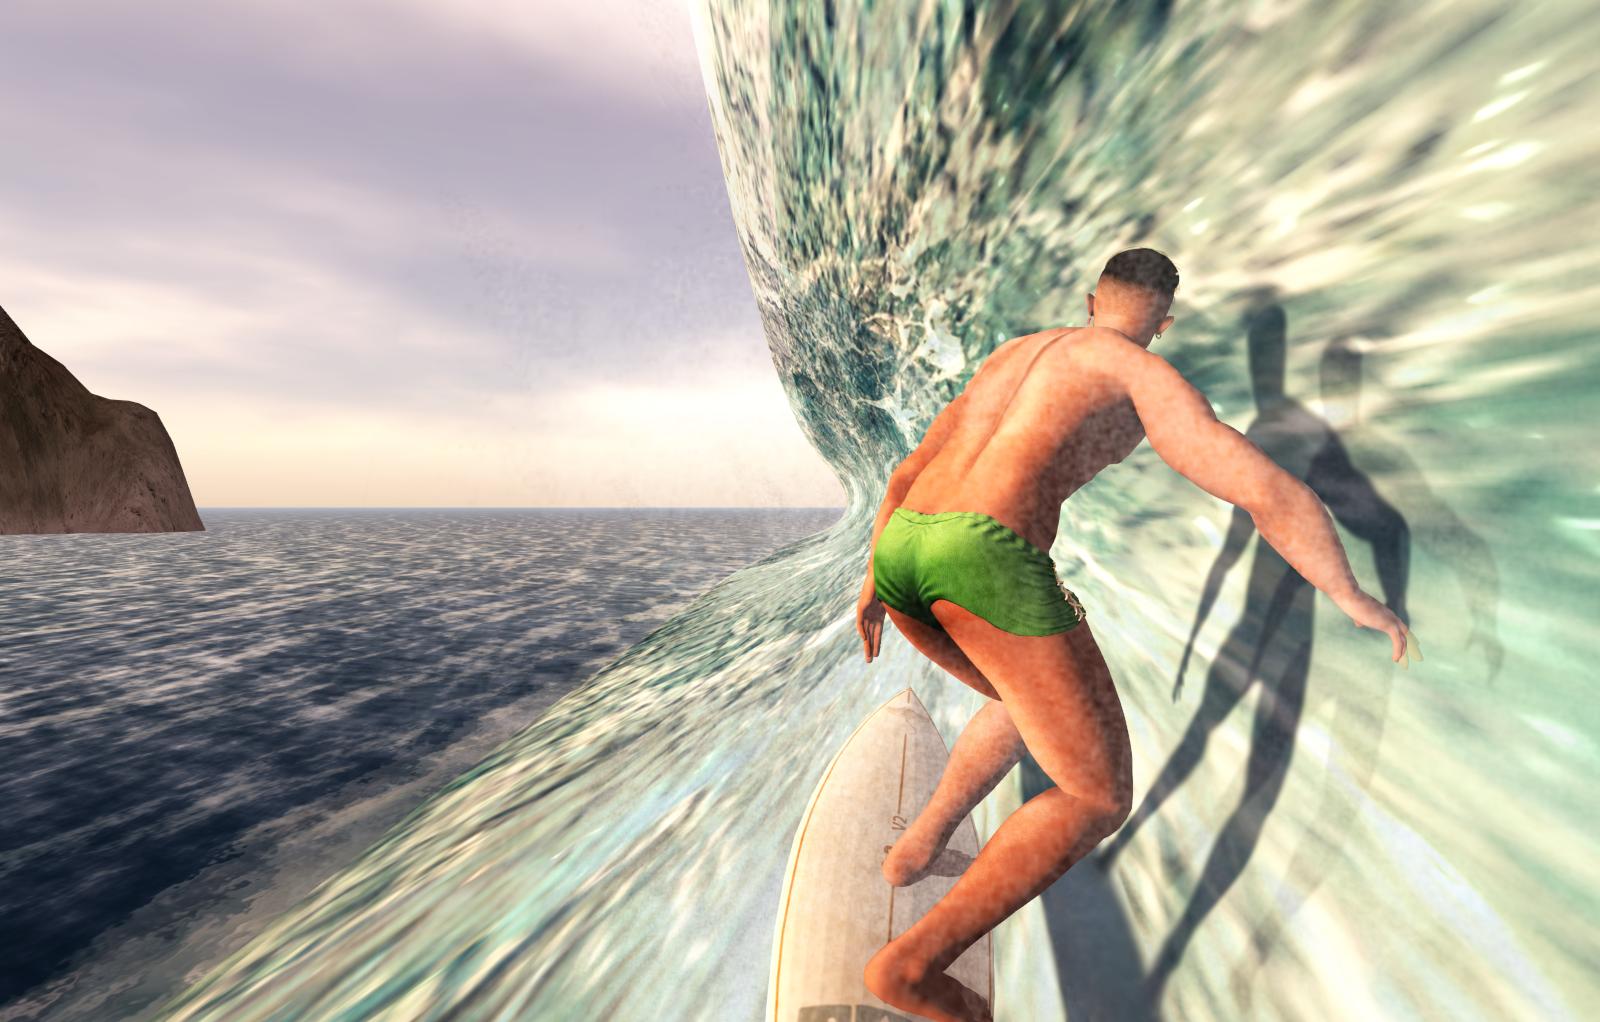 Randy surfing